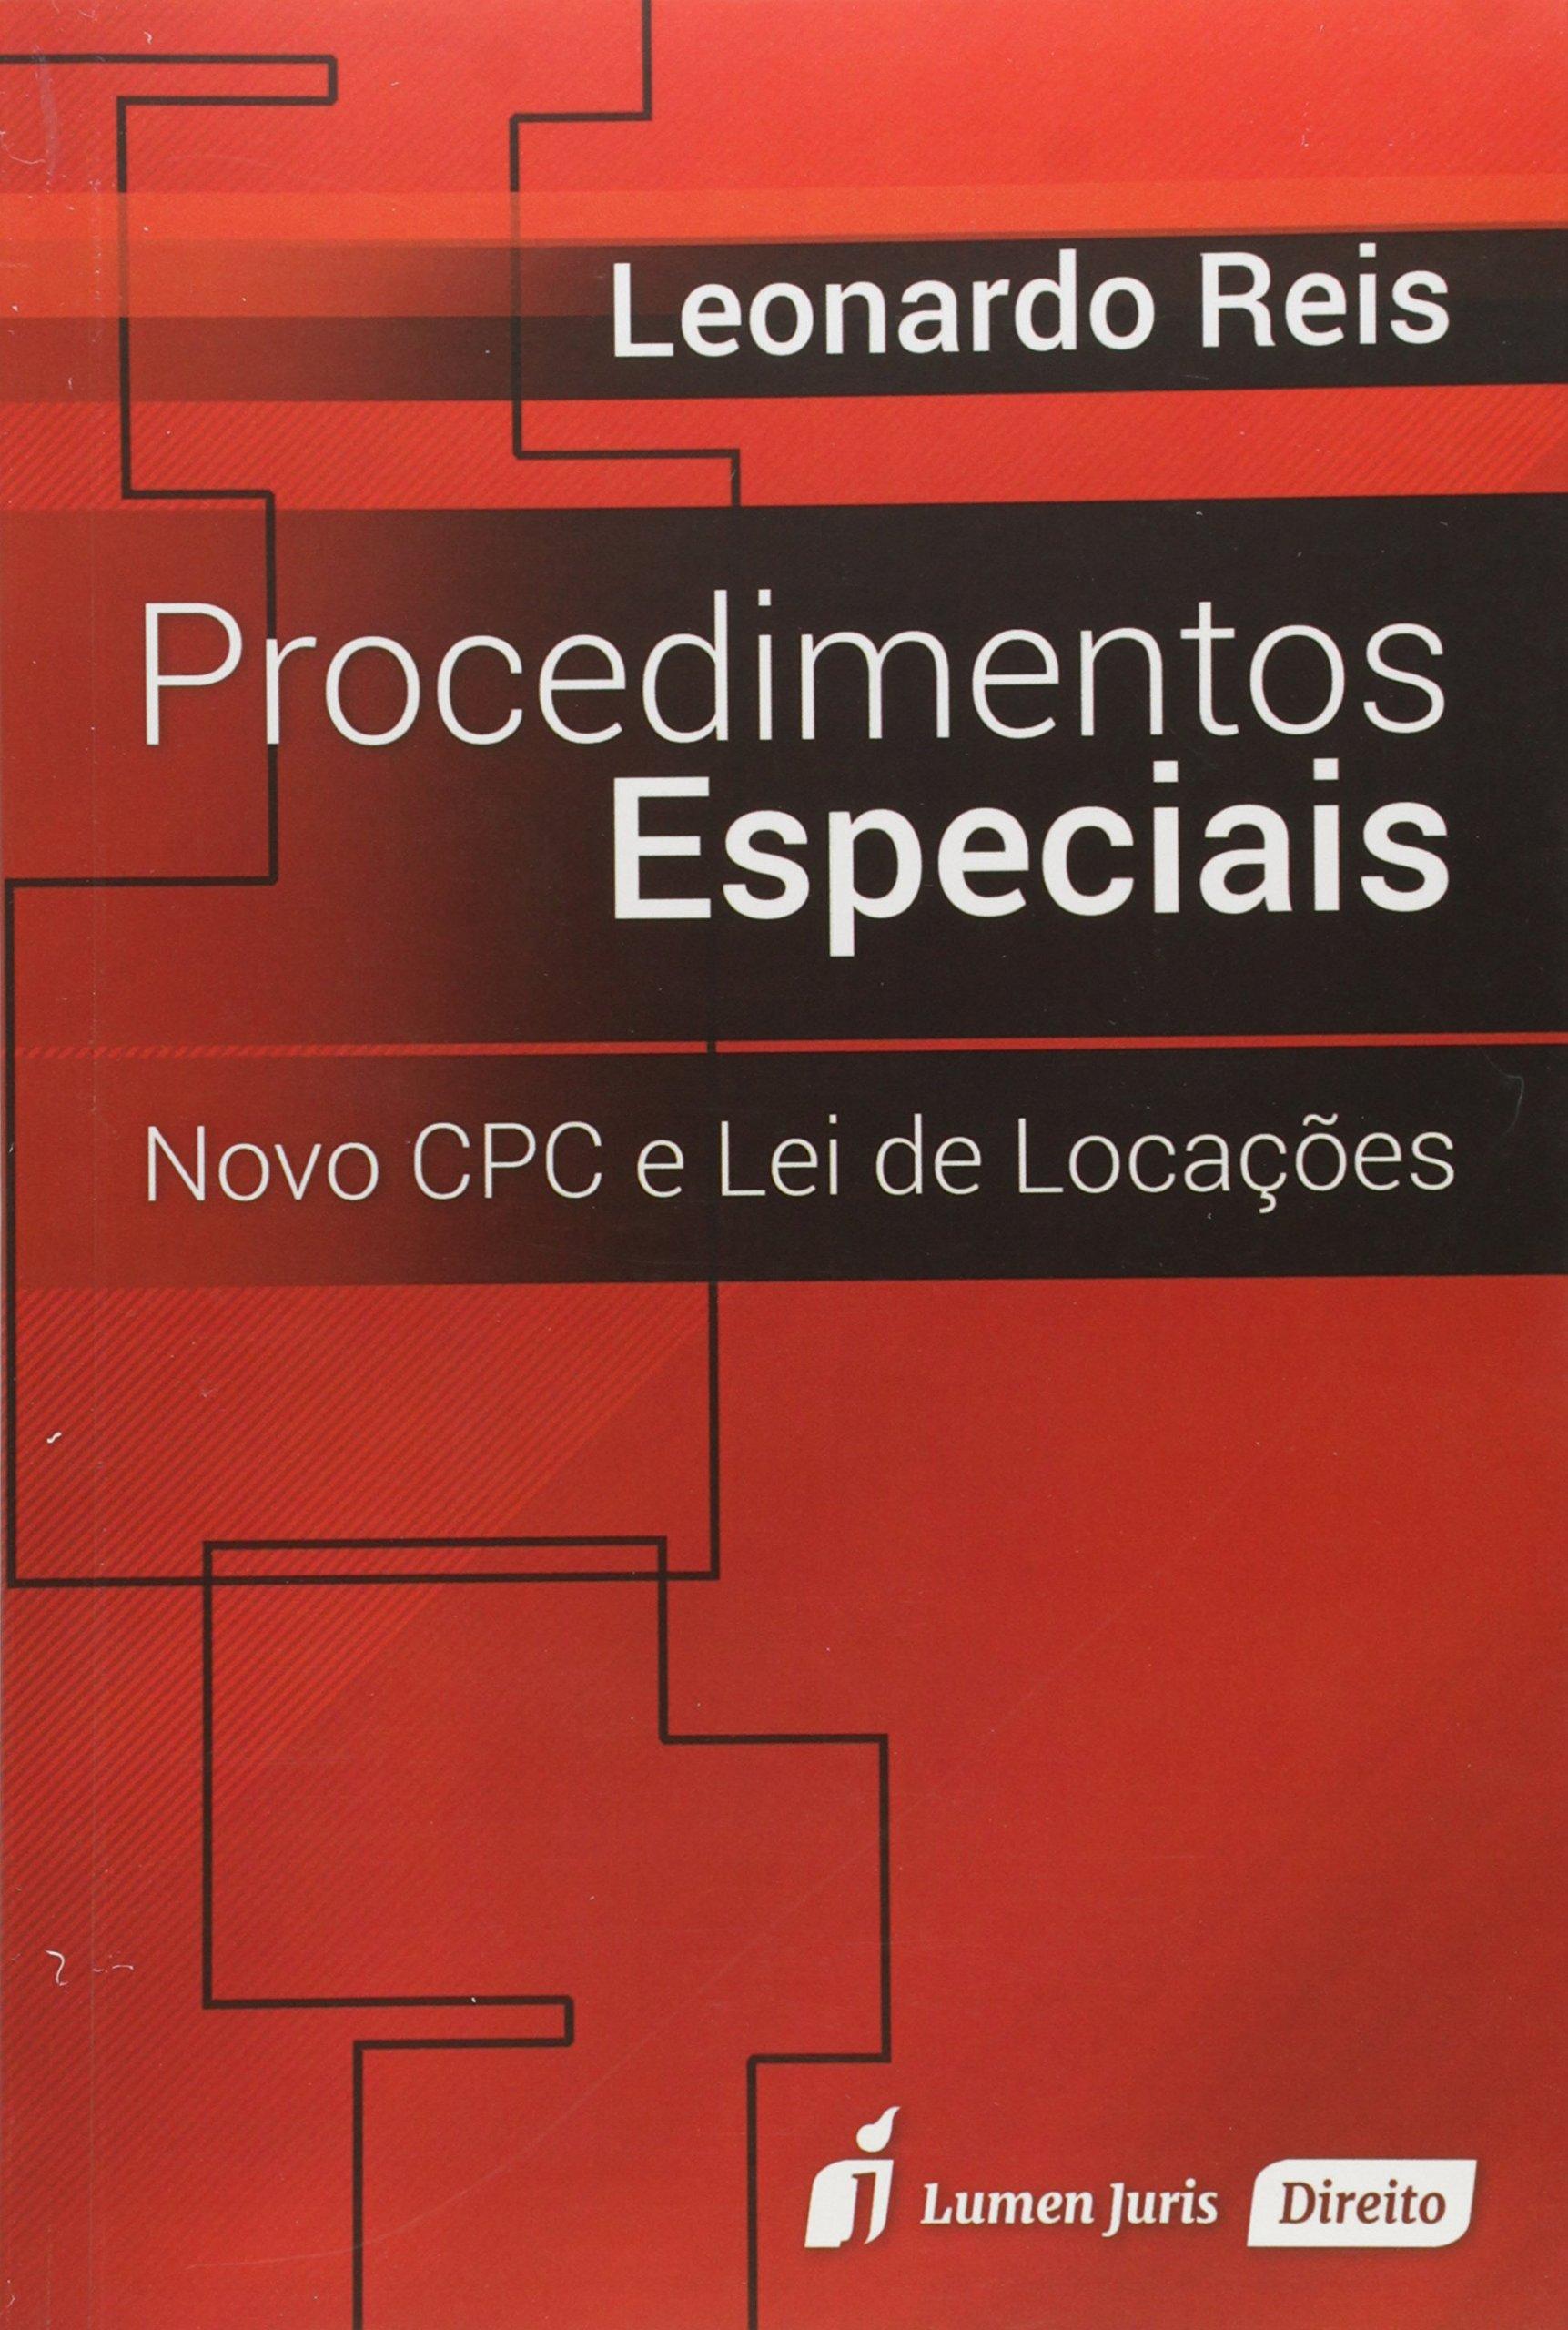 Procedimentos Especiais: Novo Cpc e Lei de Locacoes PDF